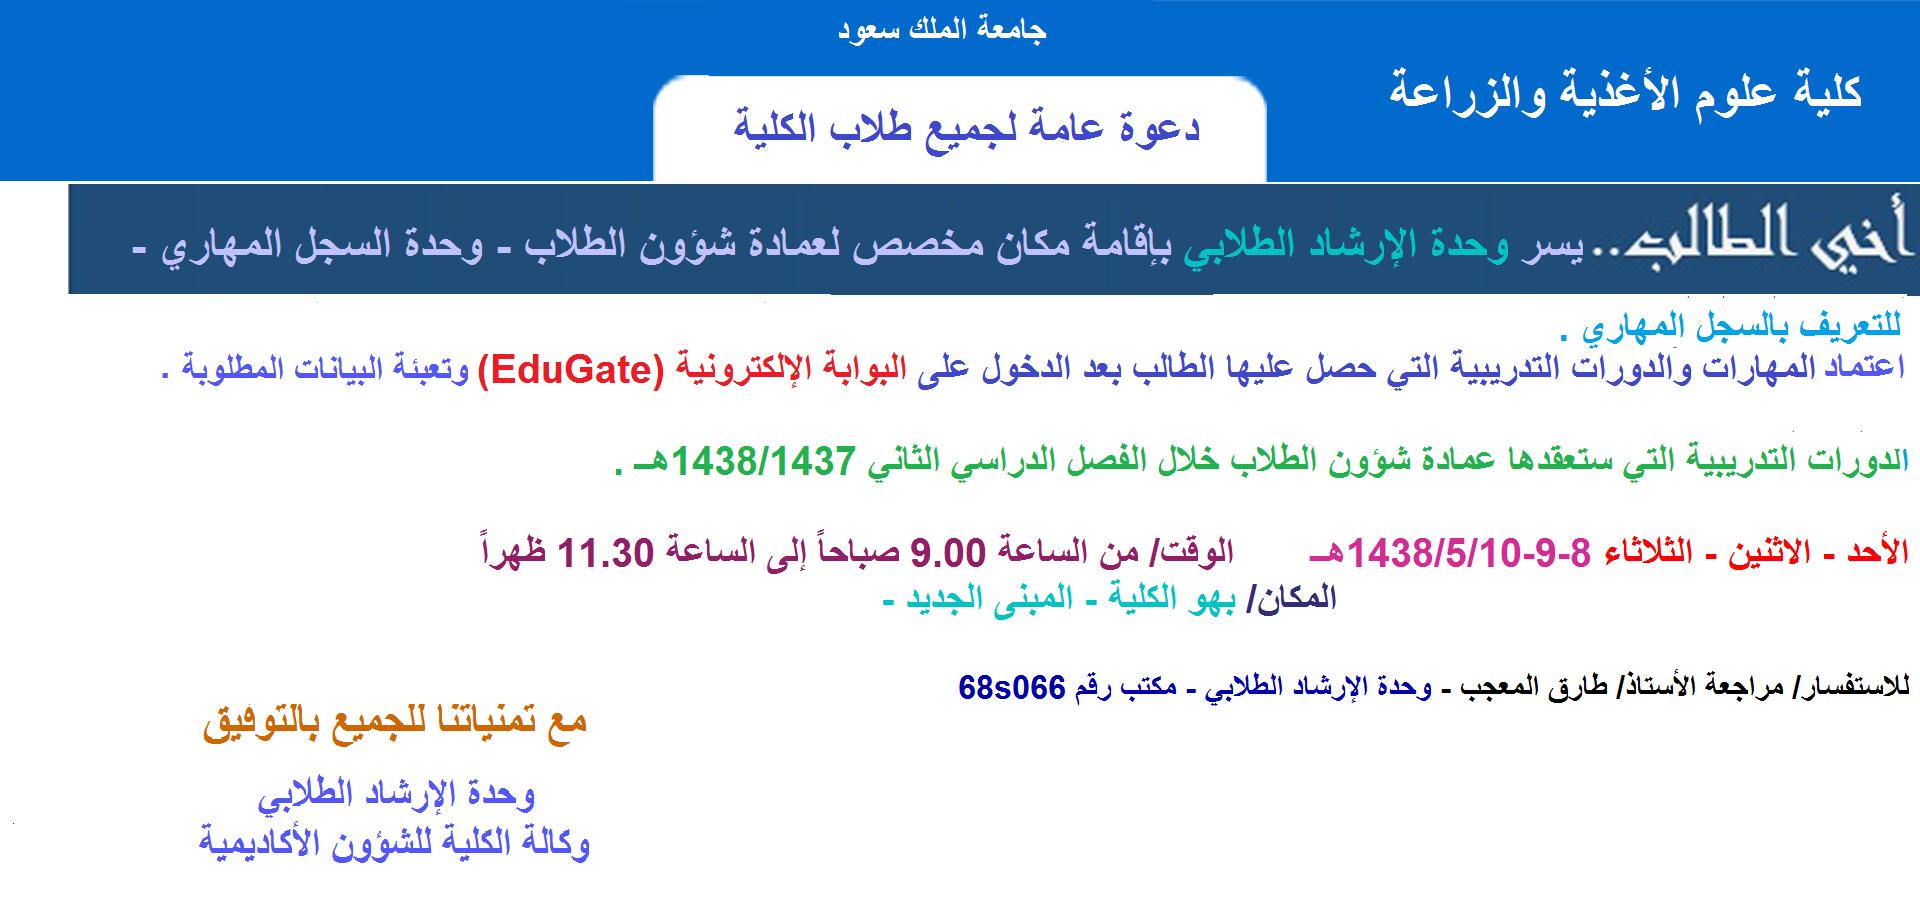 53- (السجل المهاري) دورة في كلية علوم الأغذية والزراعة.